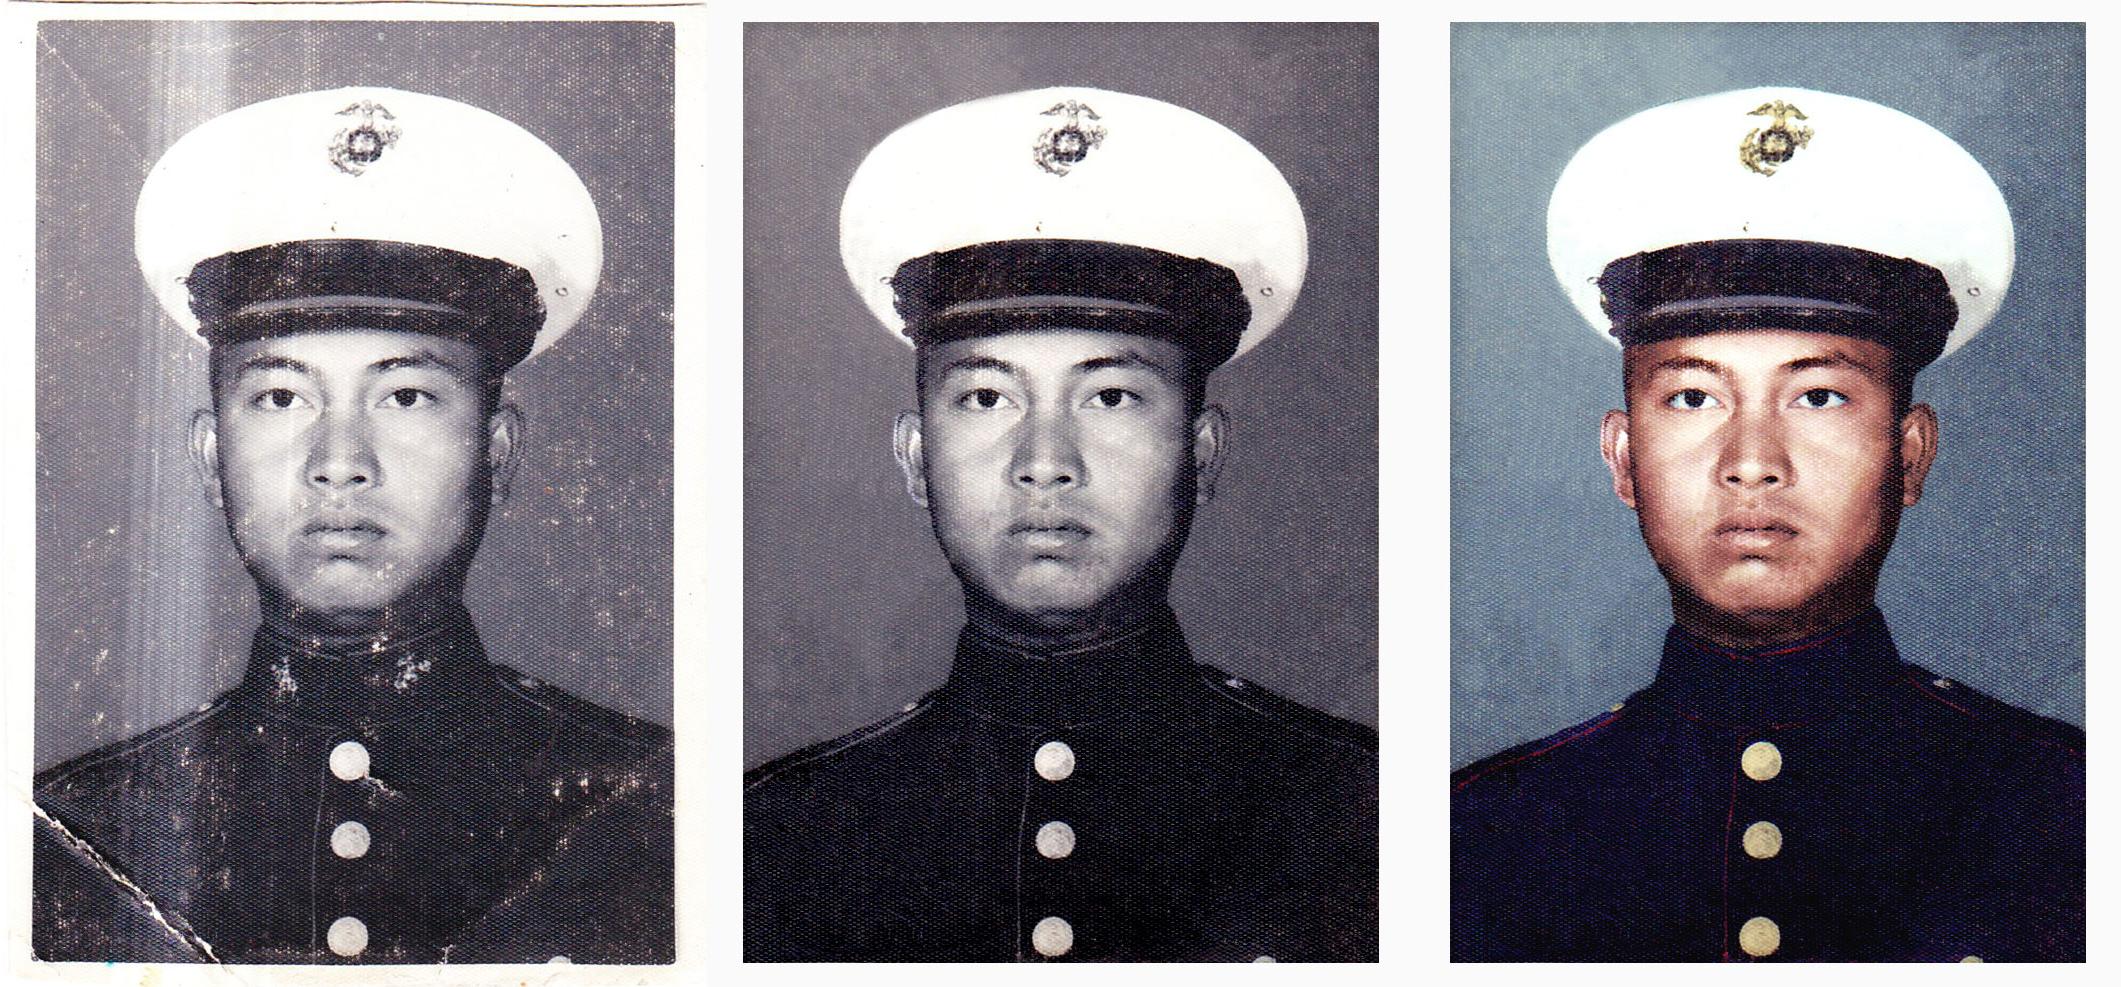 Photo Restoration and Colorization - original photo circa 1966